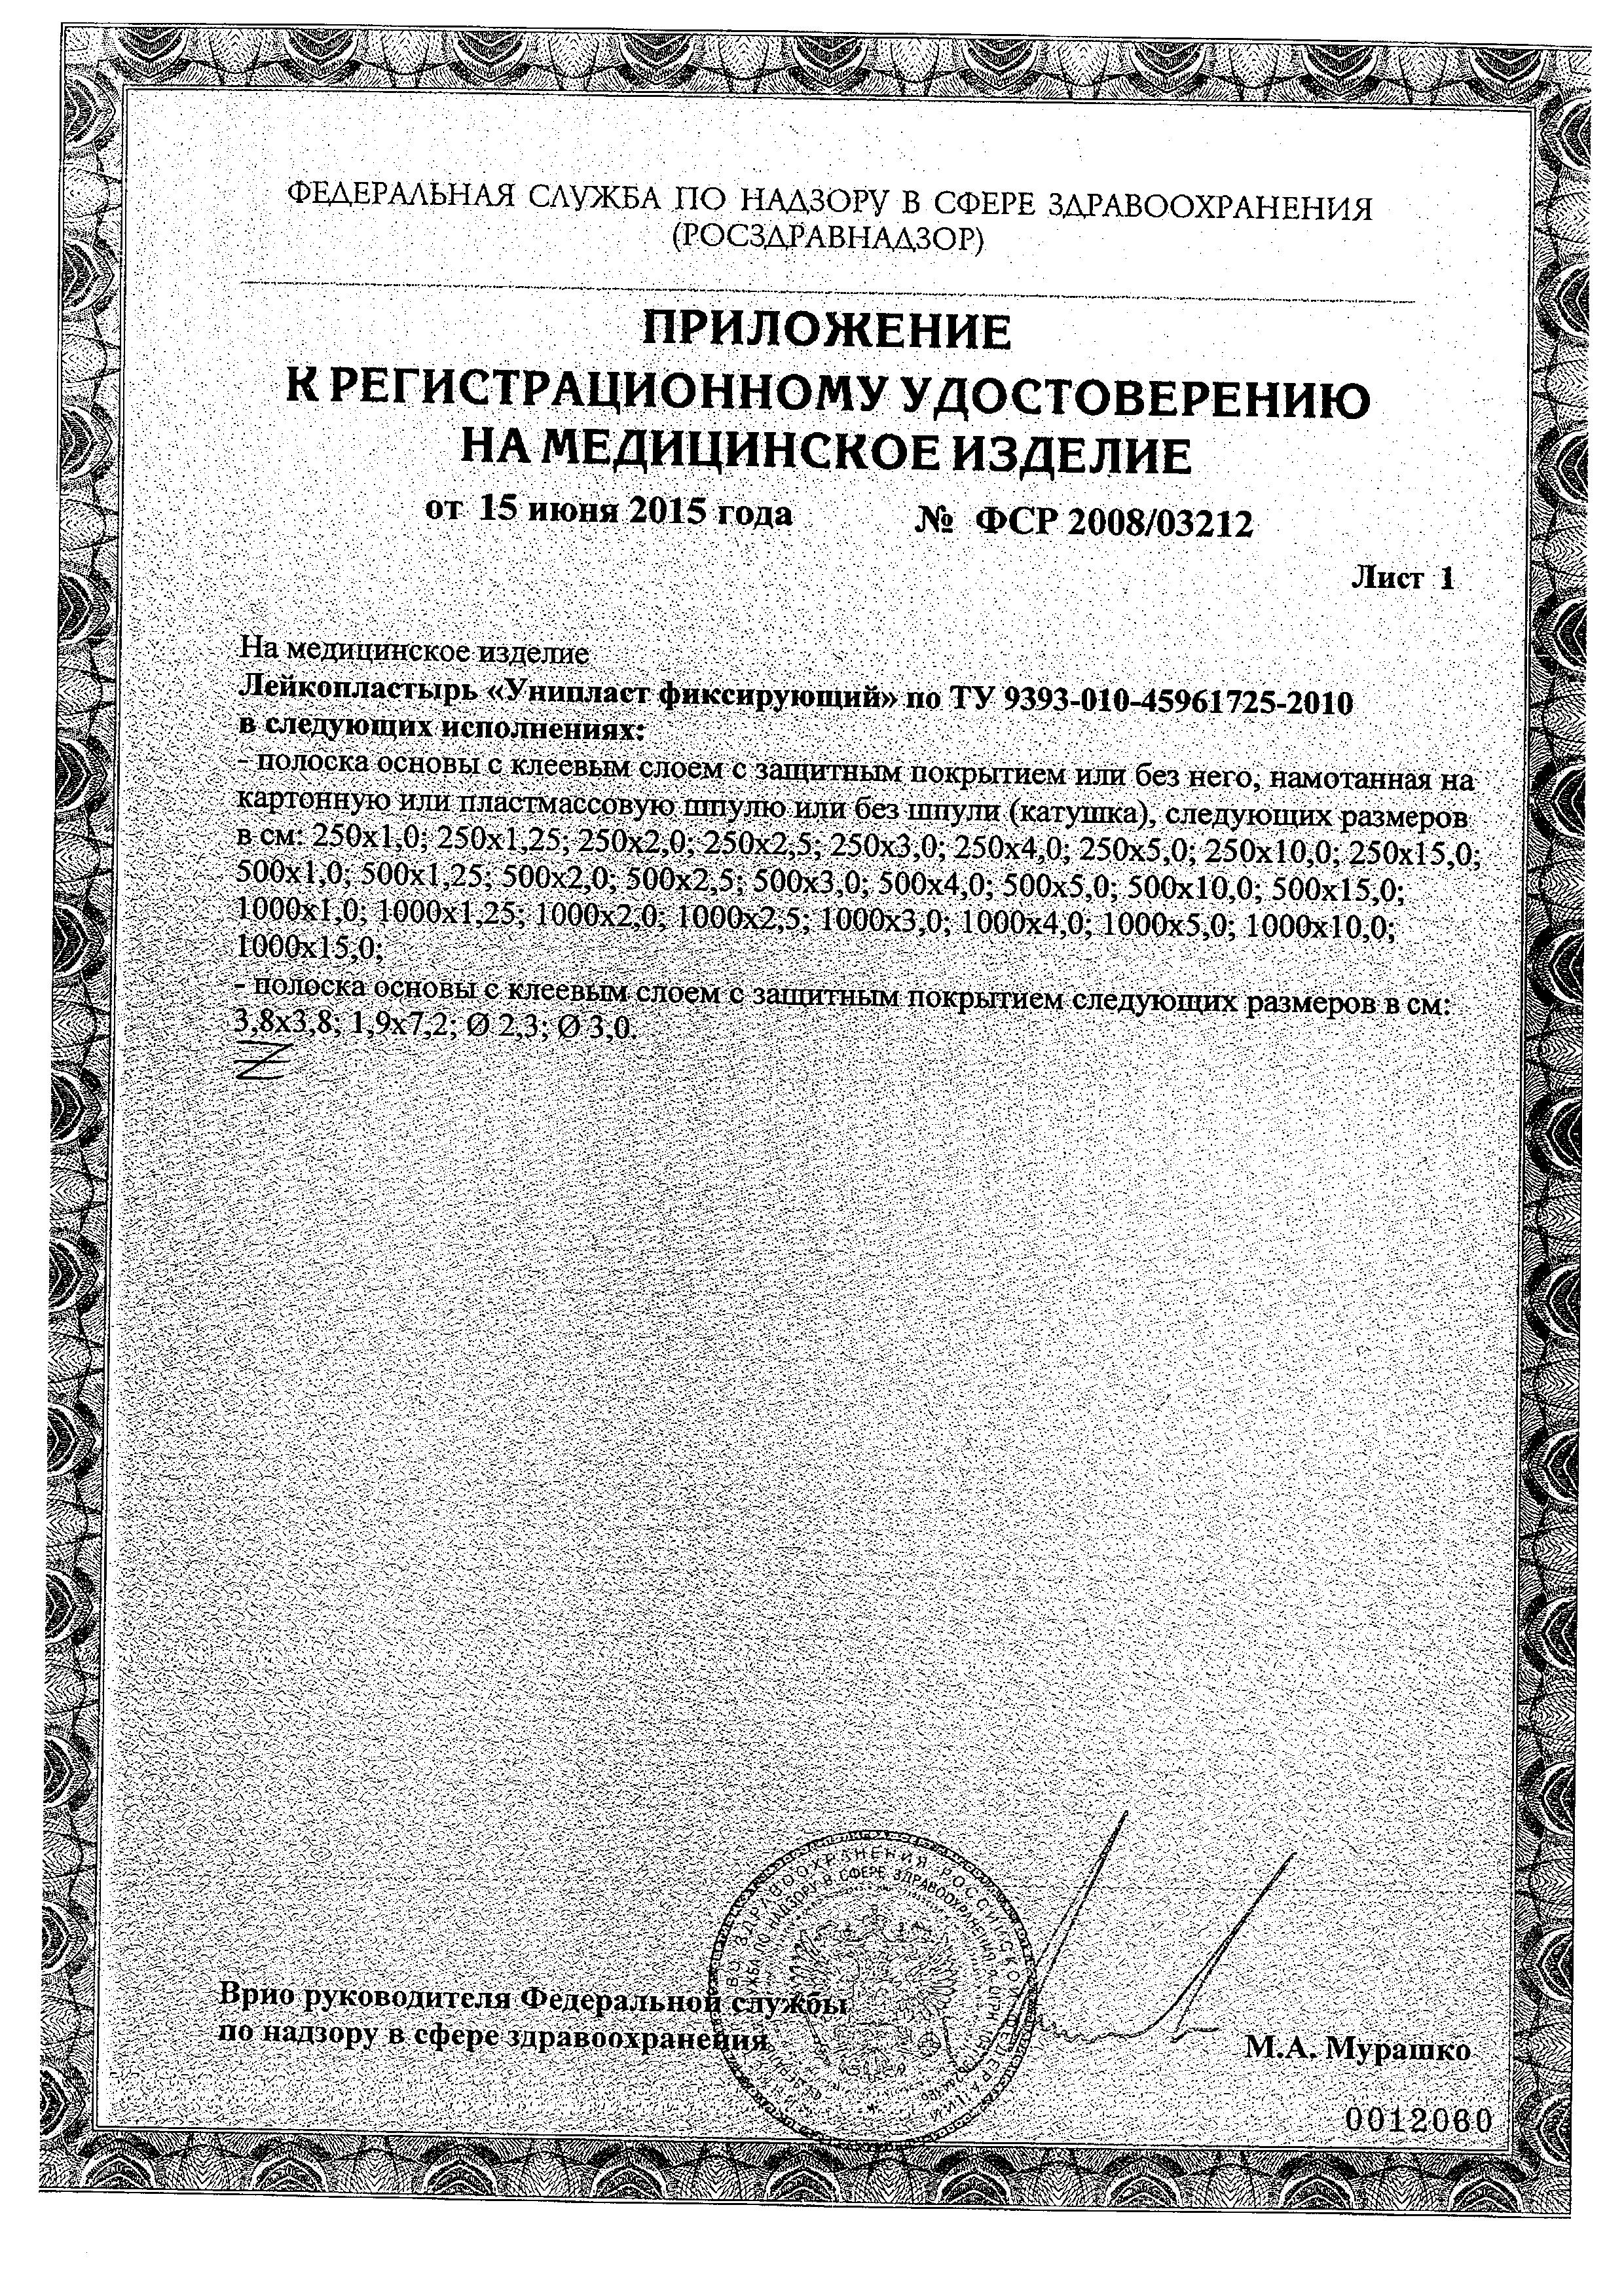 Унипласт, пластырь фиксирующий сертификат